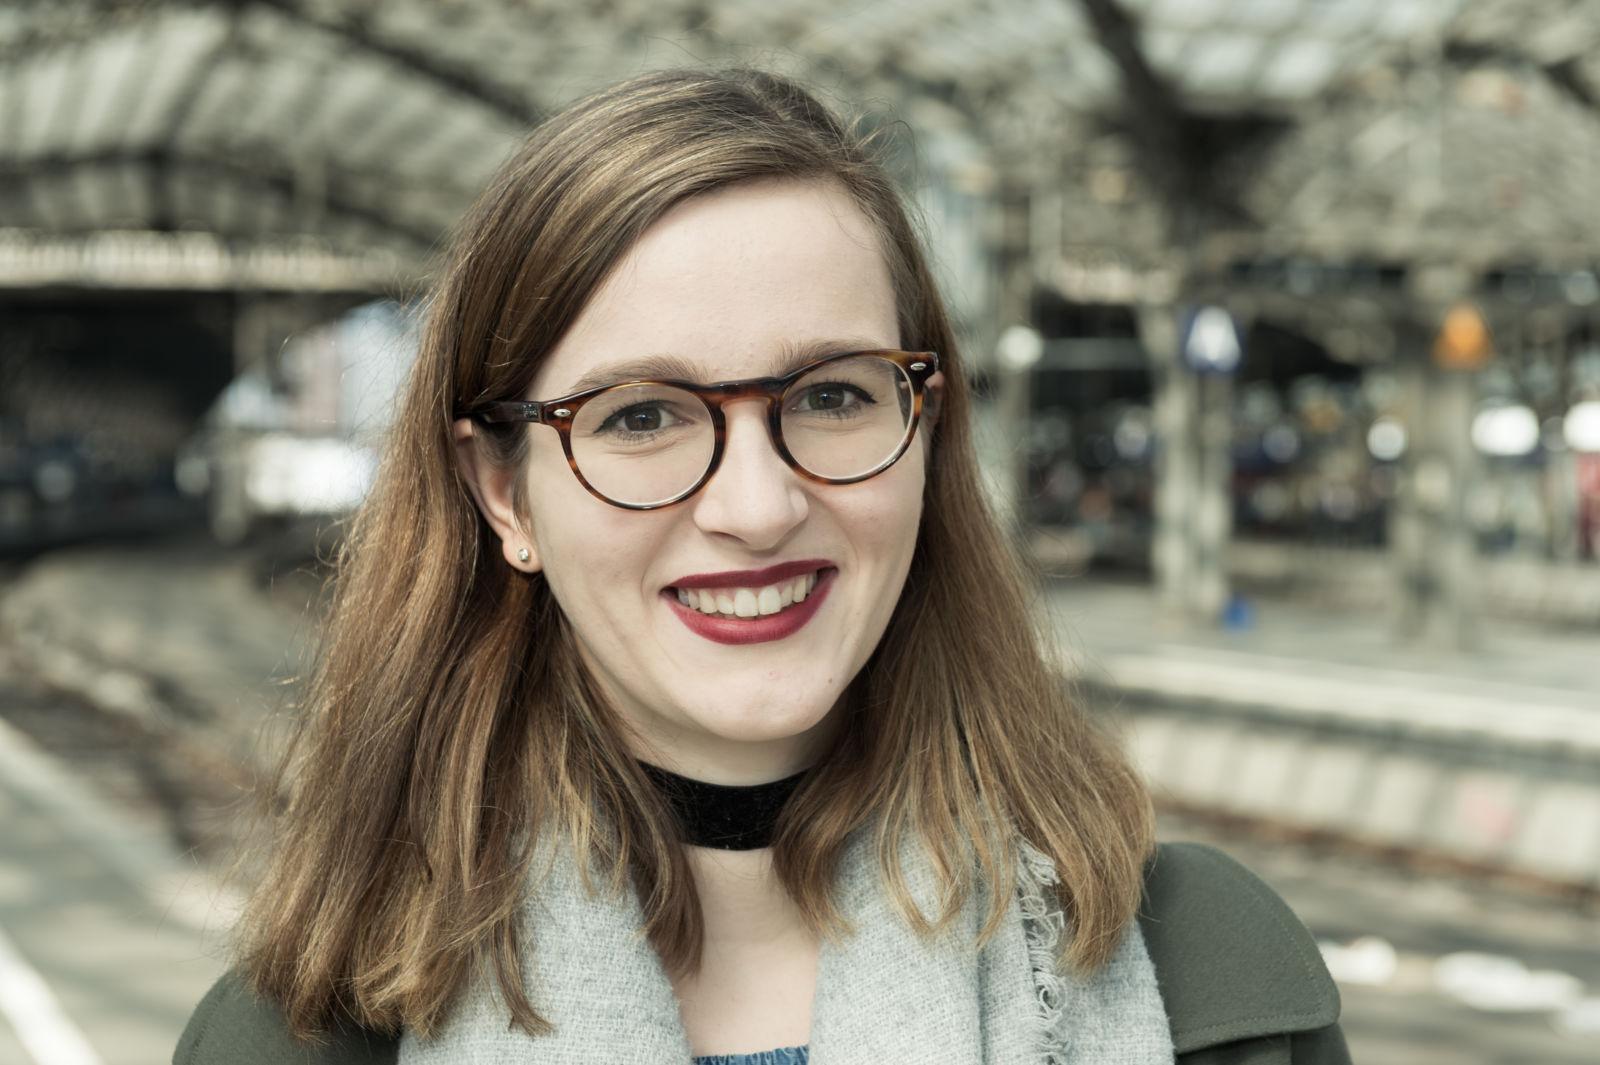 Eisenbahner mit Herz 2017 Sadik Tubay: Einsenderin Yasmin Theile hat ihn nominiert